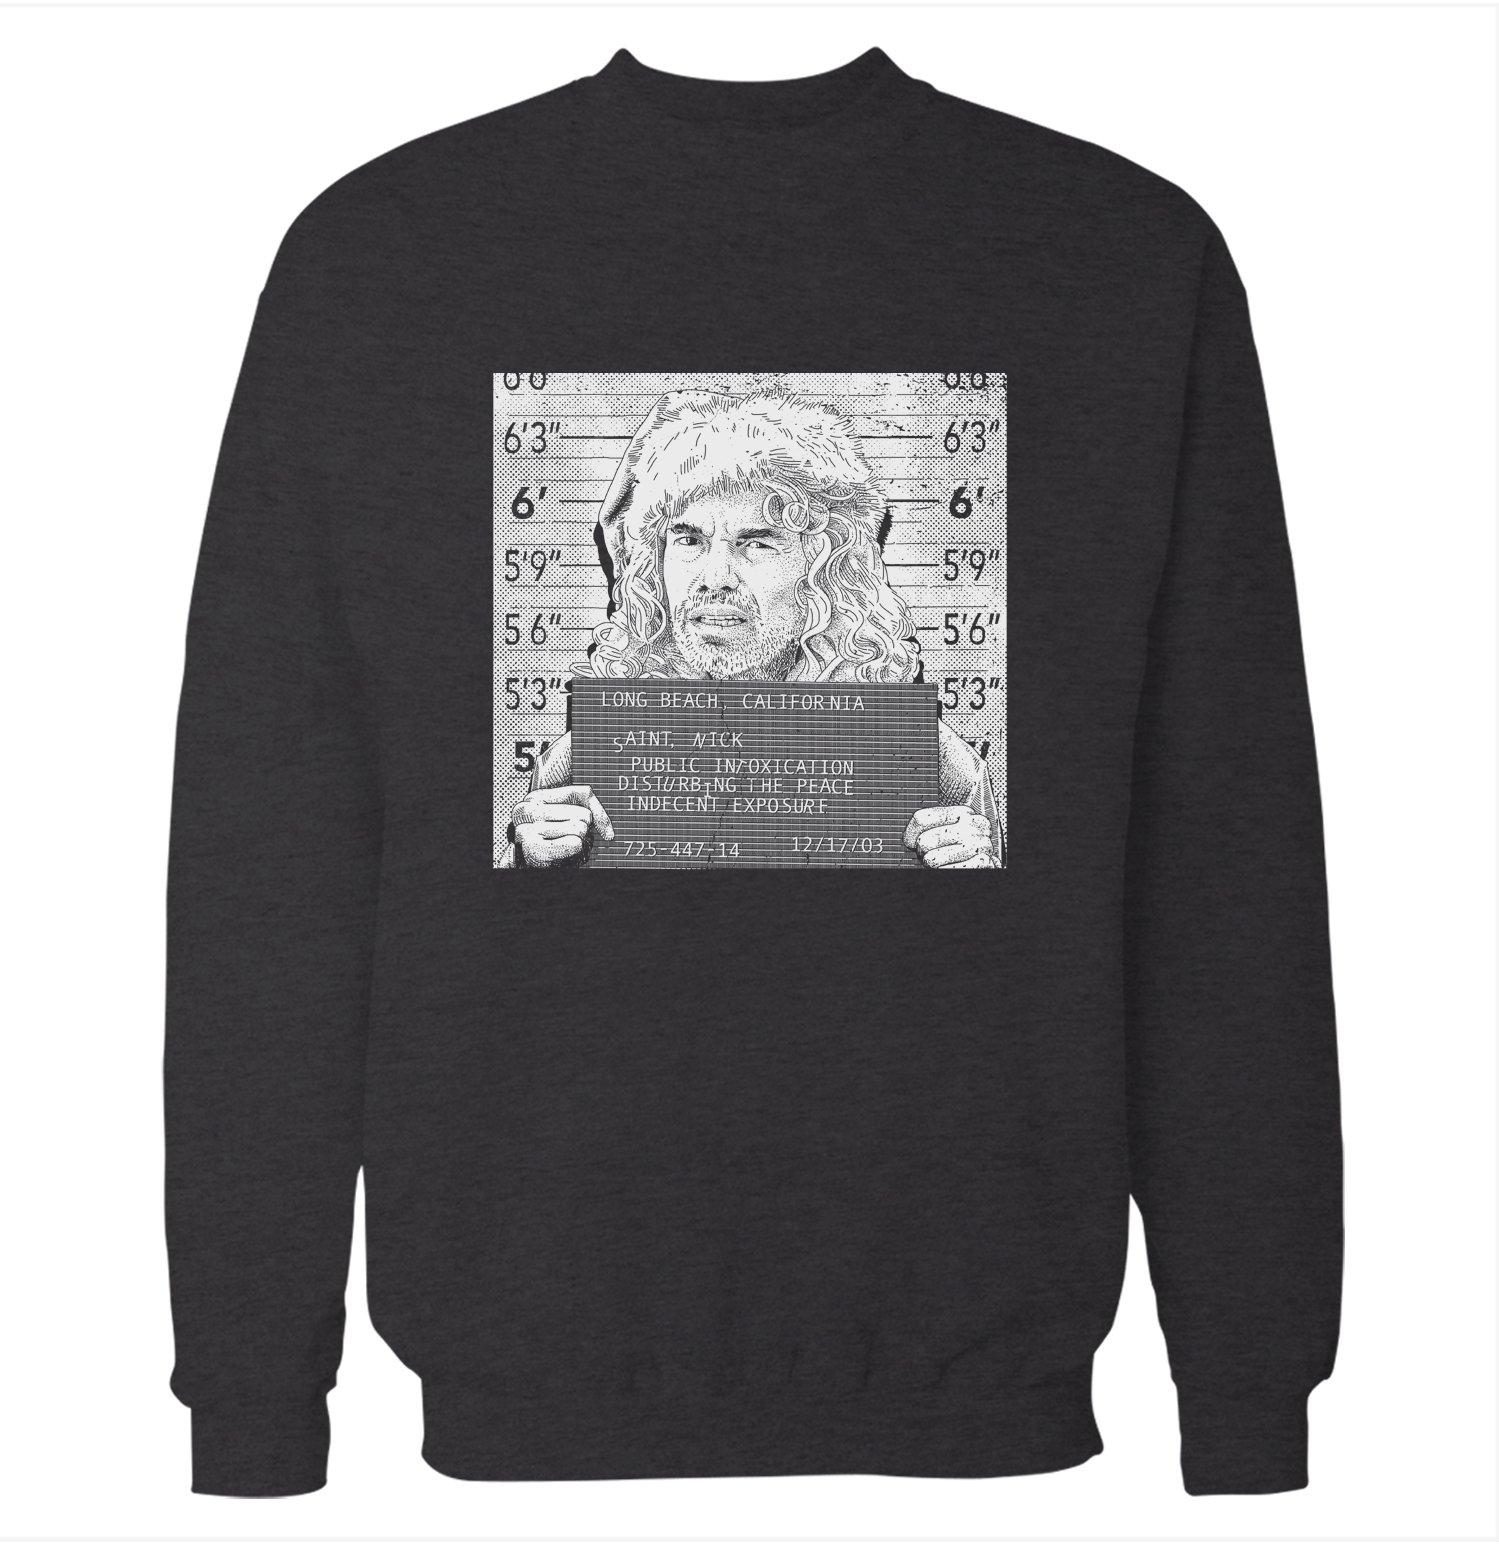 Mugshot 'Bad Santa' Sweatshirt